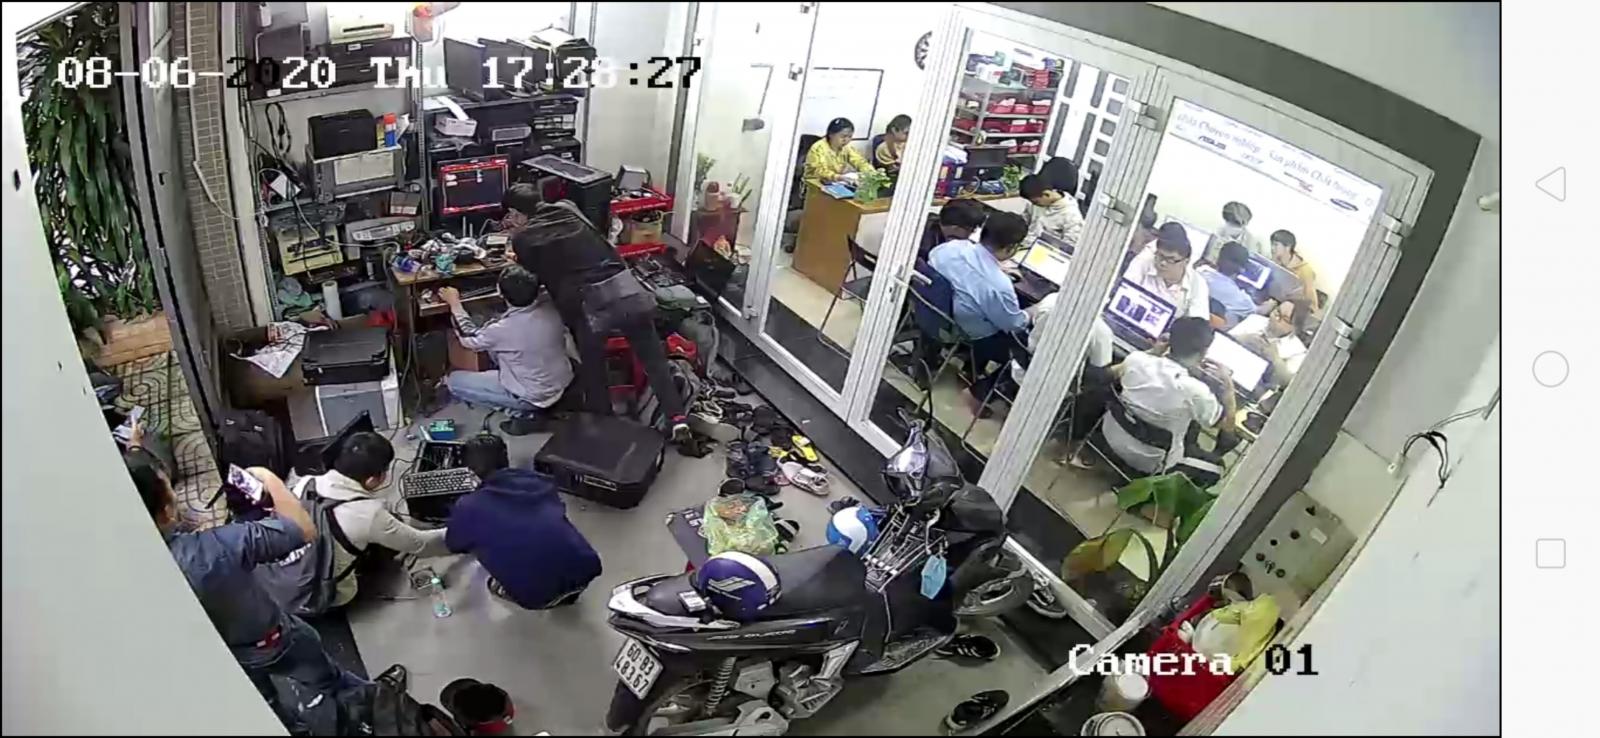 Công Ty Dịch Vụ Bảo Trì Máy Tính Tận Nơi Quận 10 Uy Tín Nhanh